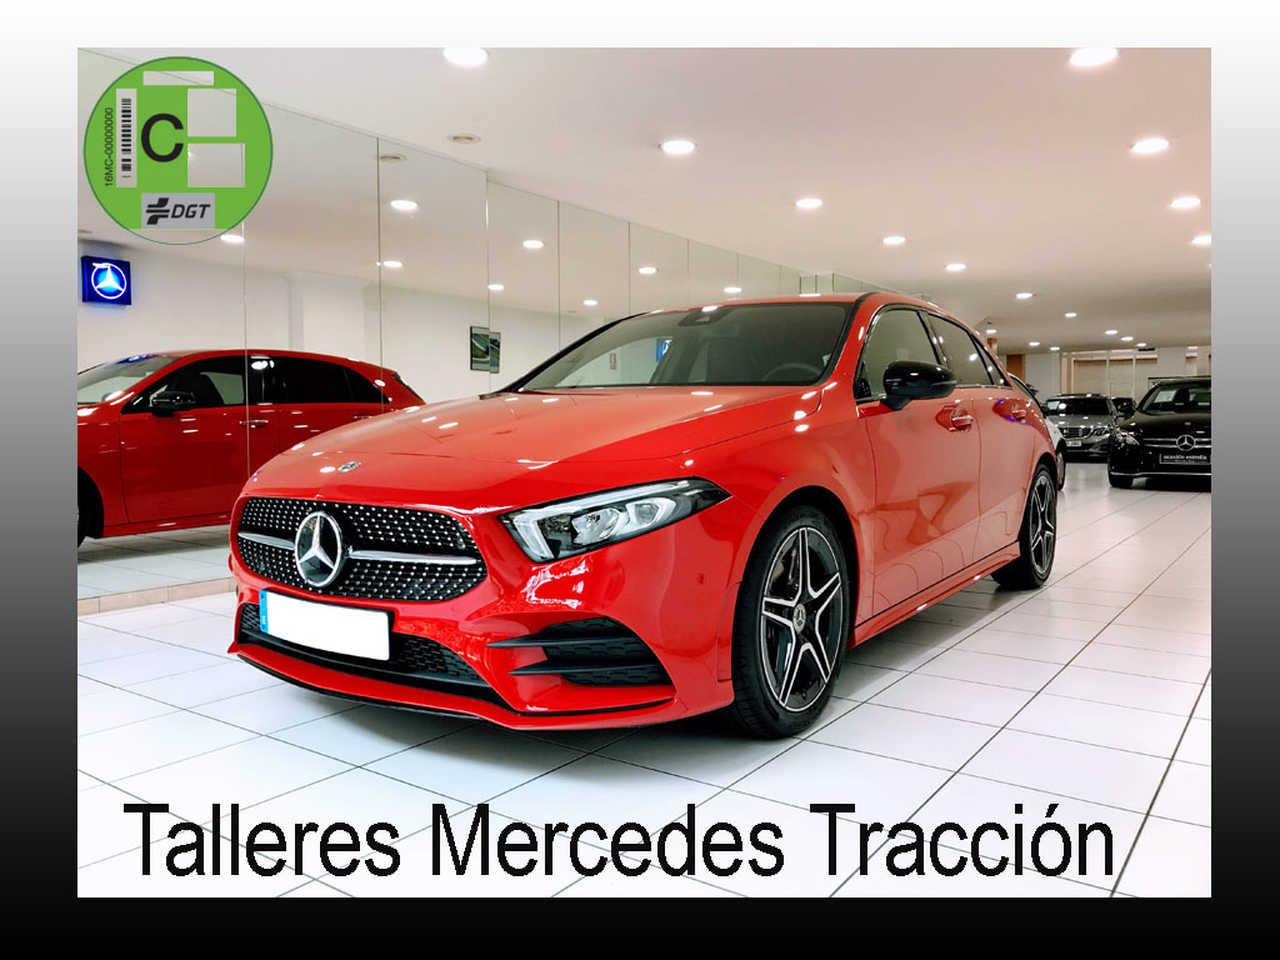 Mercedes Clase A 200 7G-DCT/AMG Line/ MBUX/Paquete Premium   - Foto 1